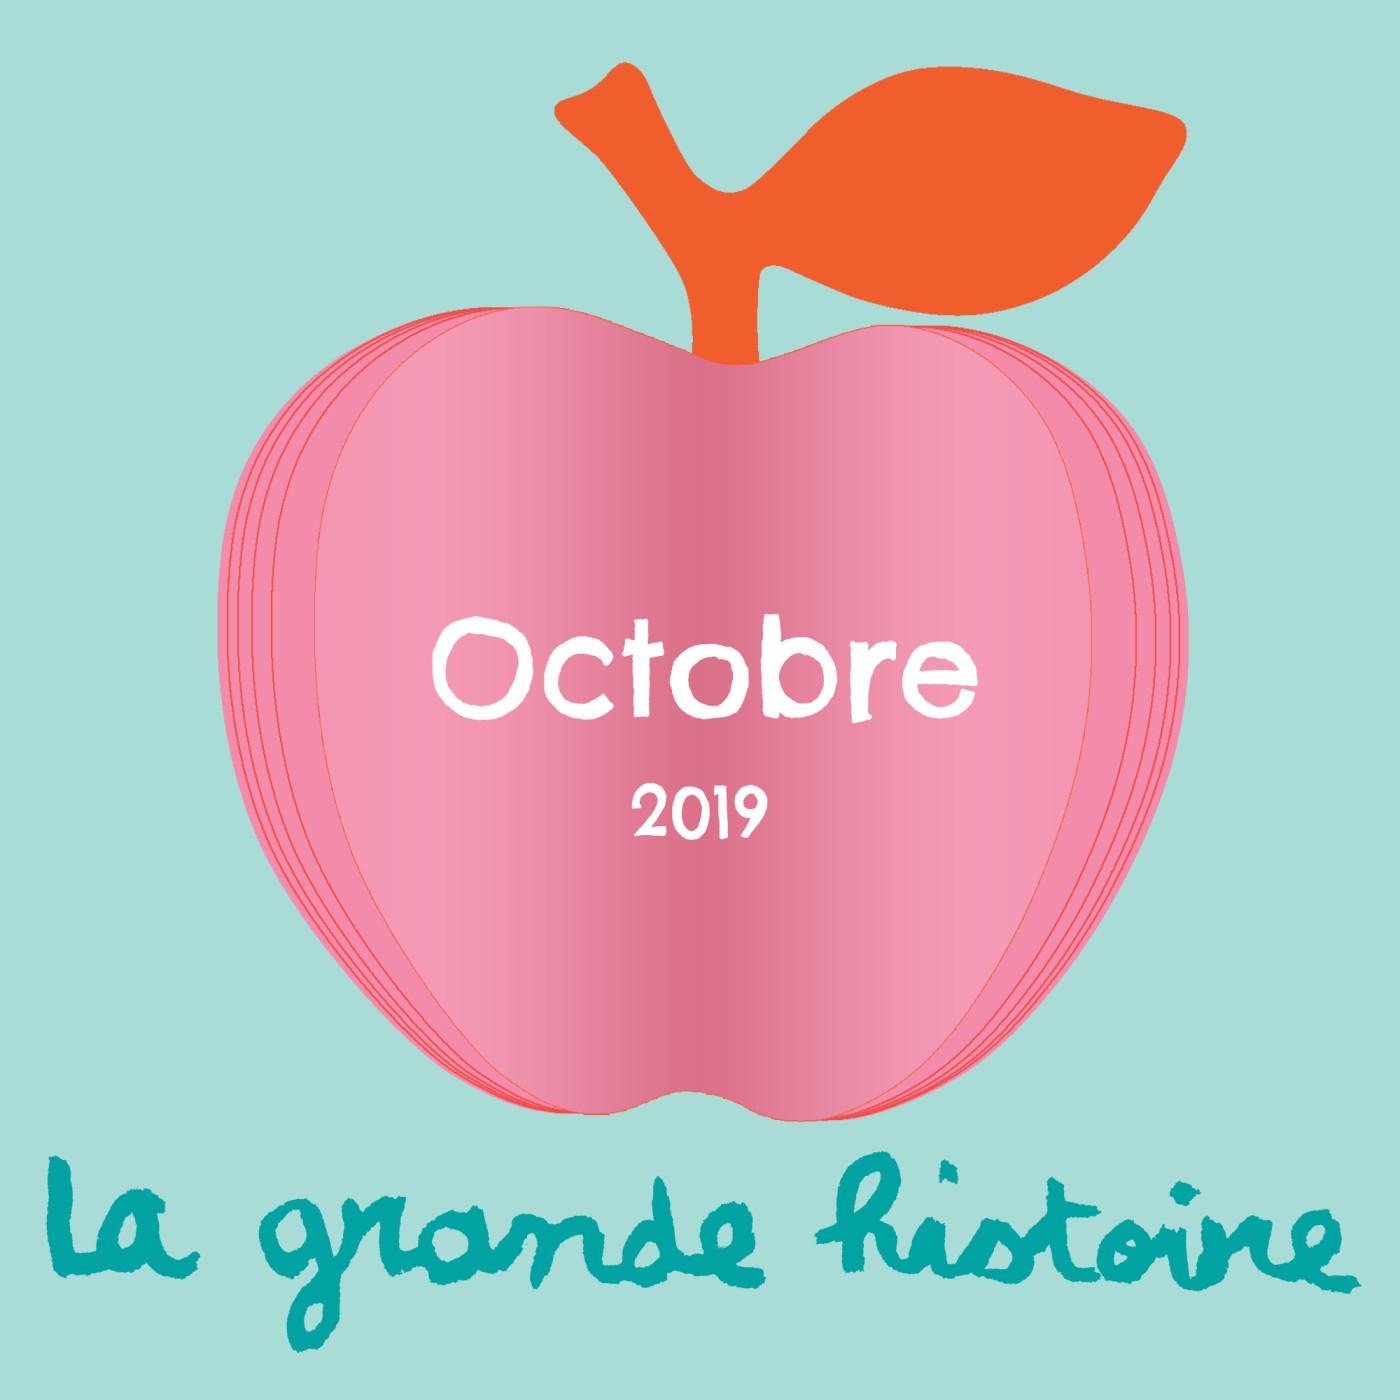 Octobre 2019 - Le festin des sorcières